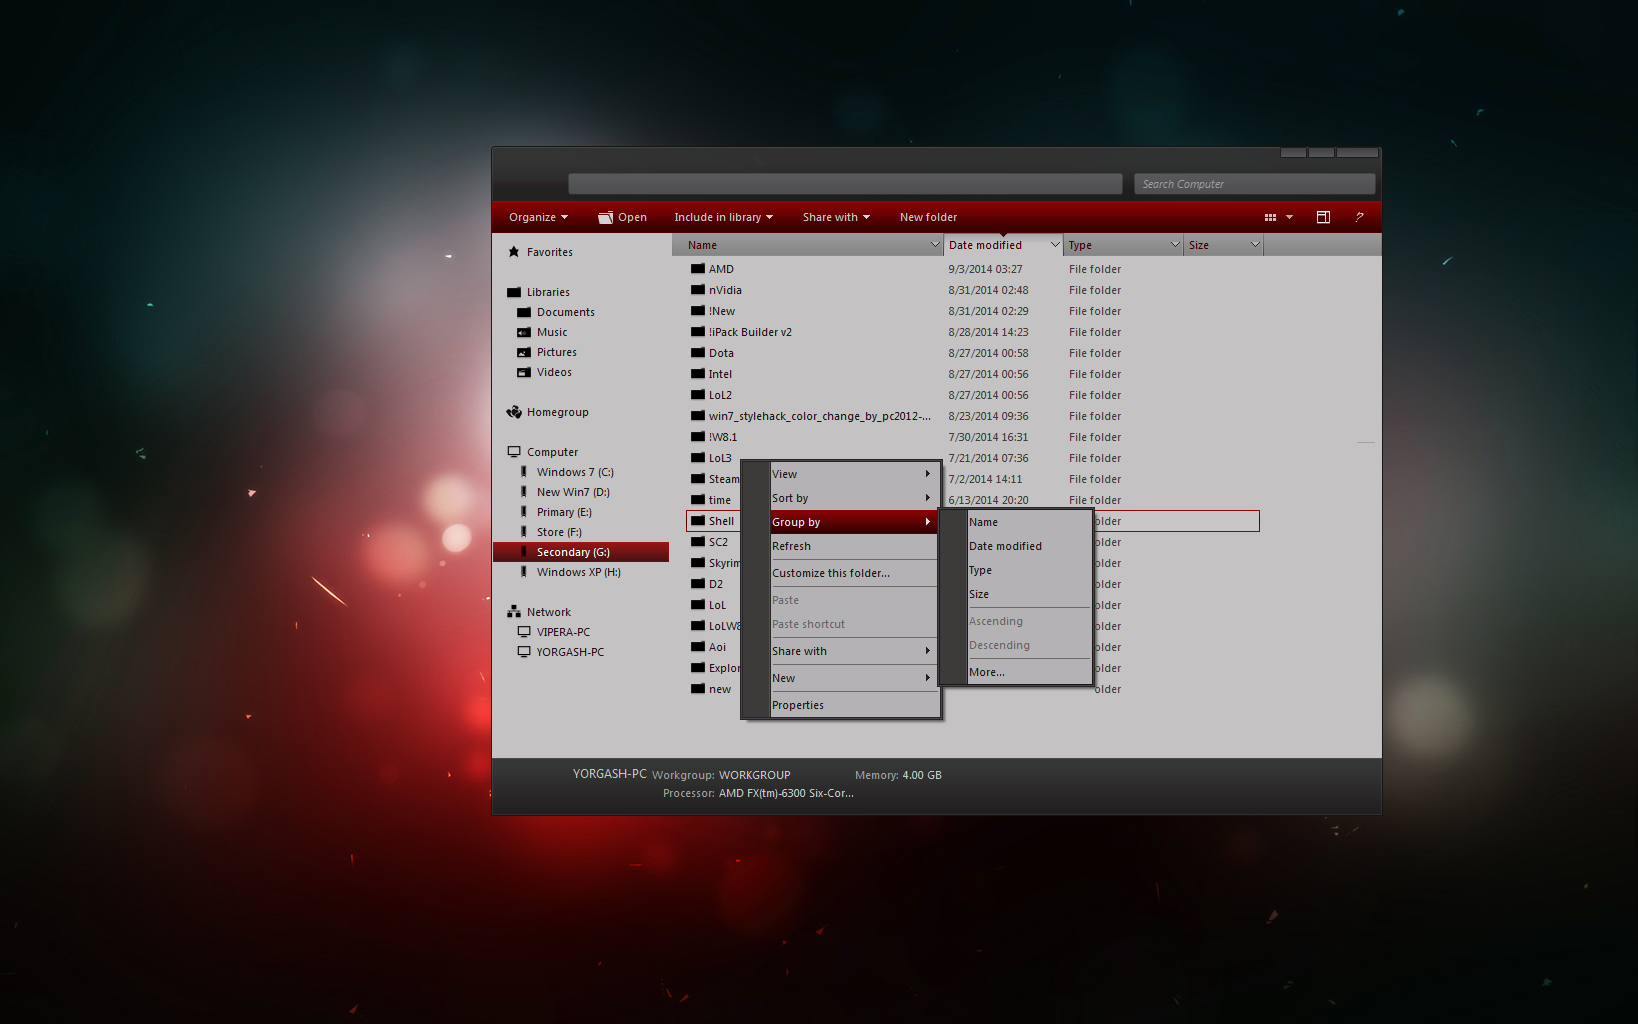 pdf creator in windows 7